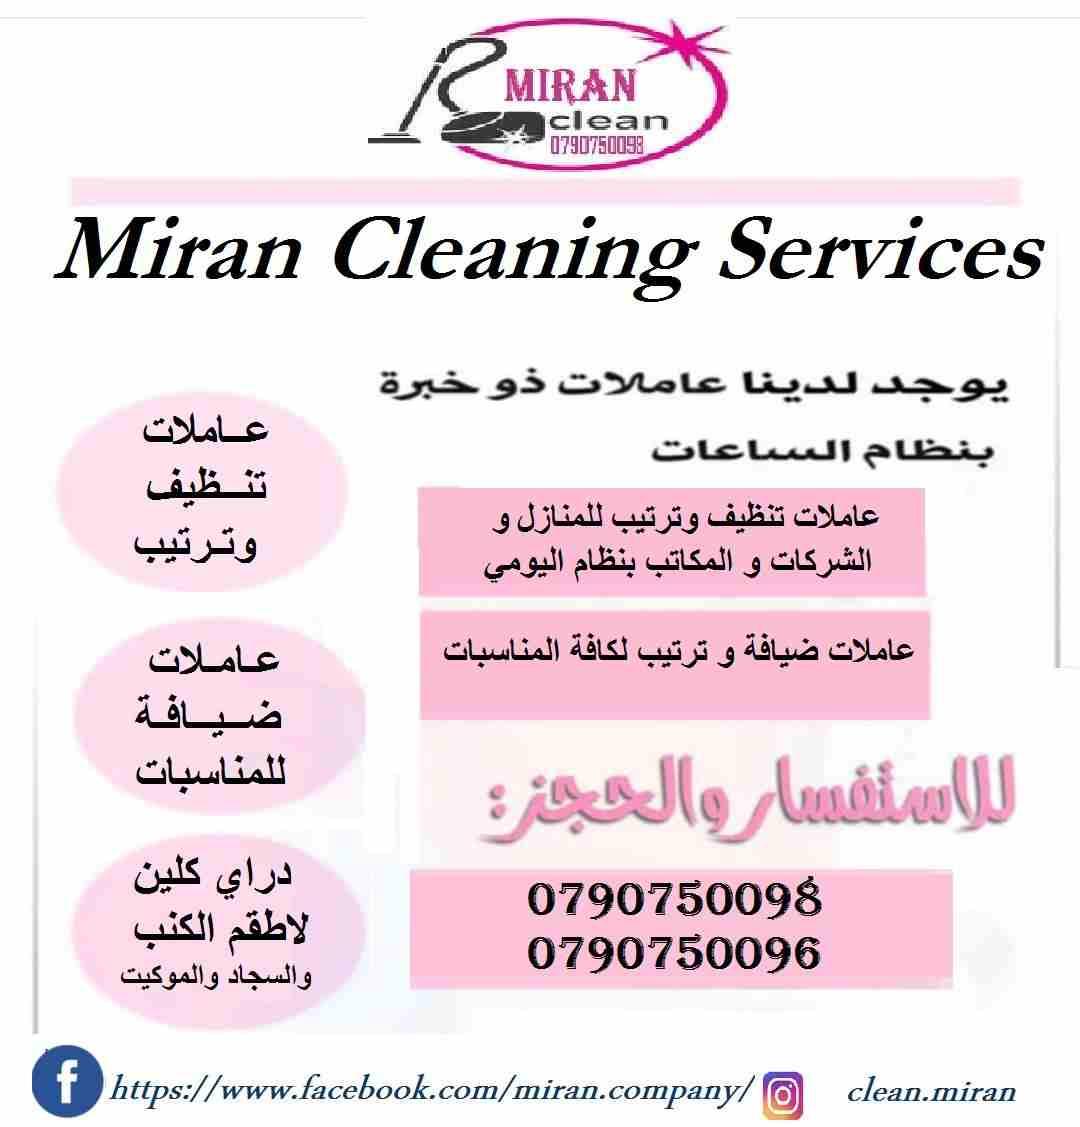 ميران لتوفير العاملات لاعمال التنظيف  وين ما كان مكان عملك او بيتك...